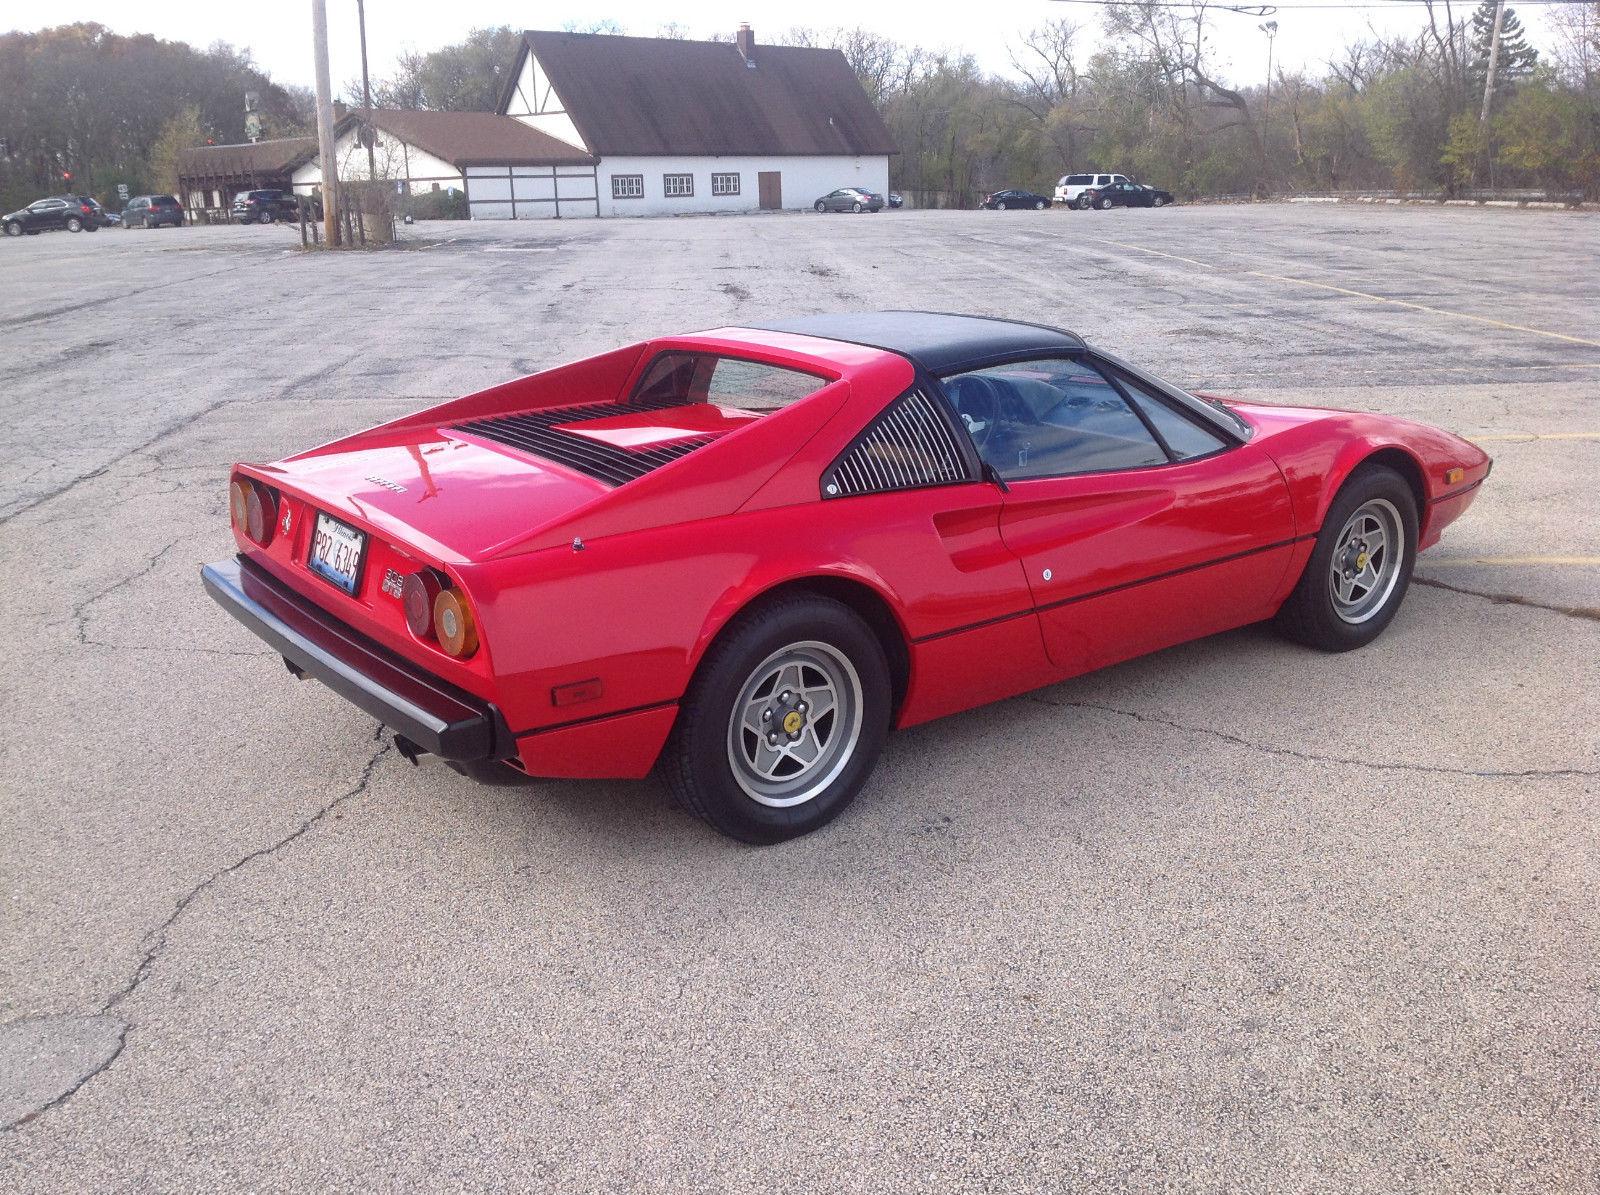 Ferrari 308 Gts For Sale >> 1978 Ferrari 308 GTS carbs carb carburetor red - Classic ...